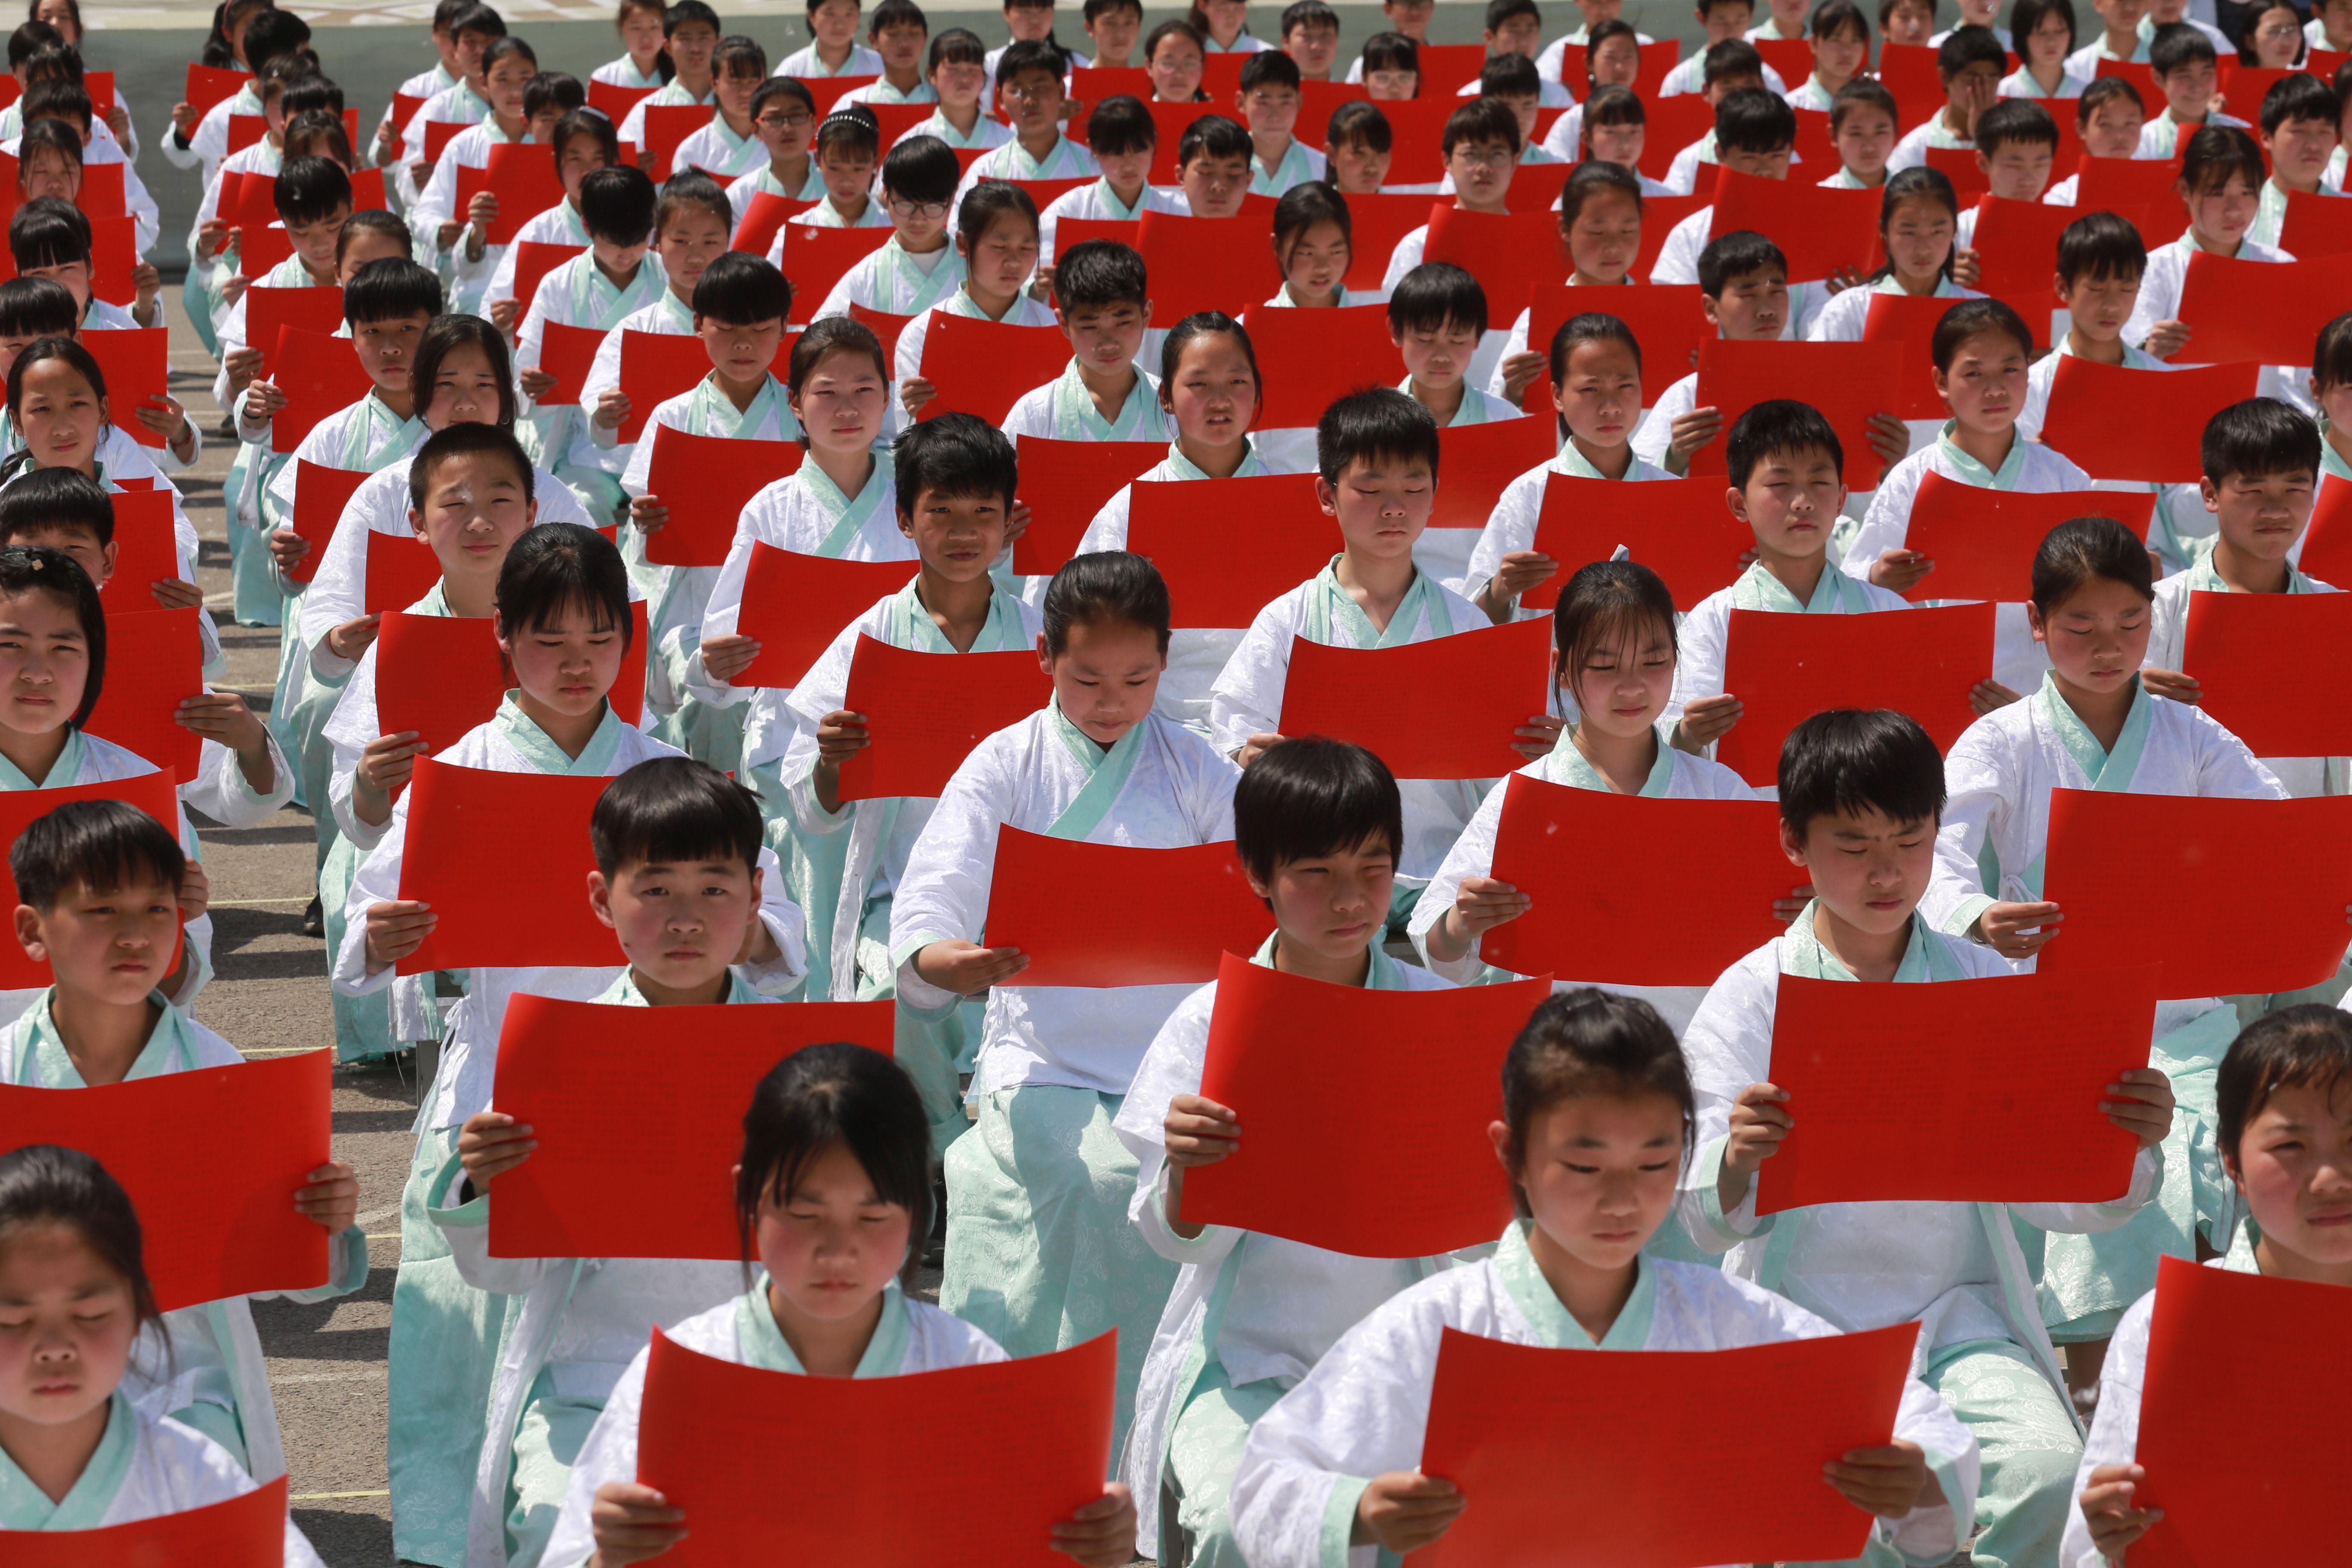 河南鲁山:千人诵读《仓颉赋》祭字祖